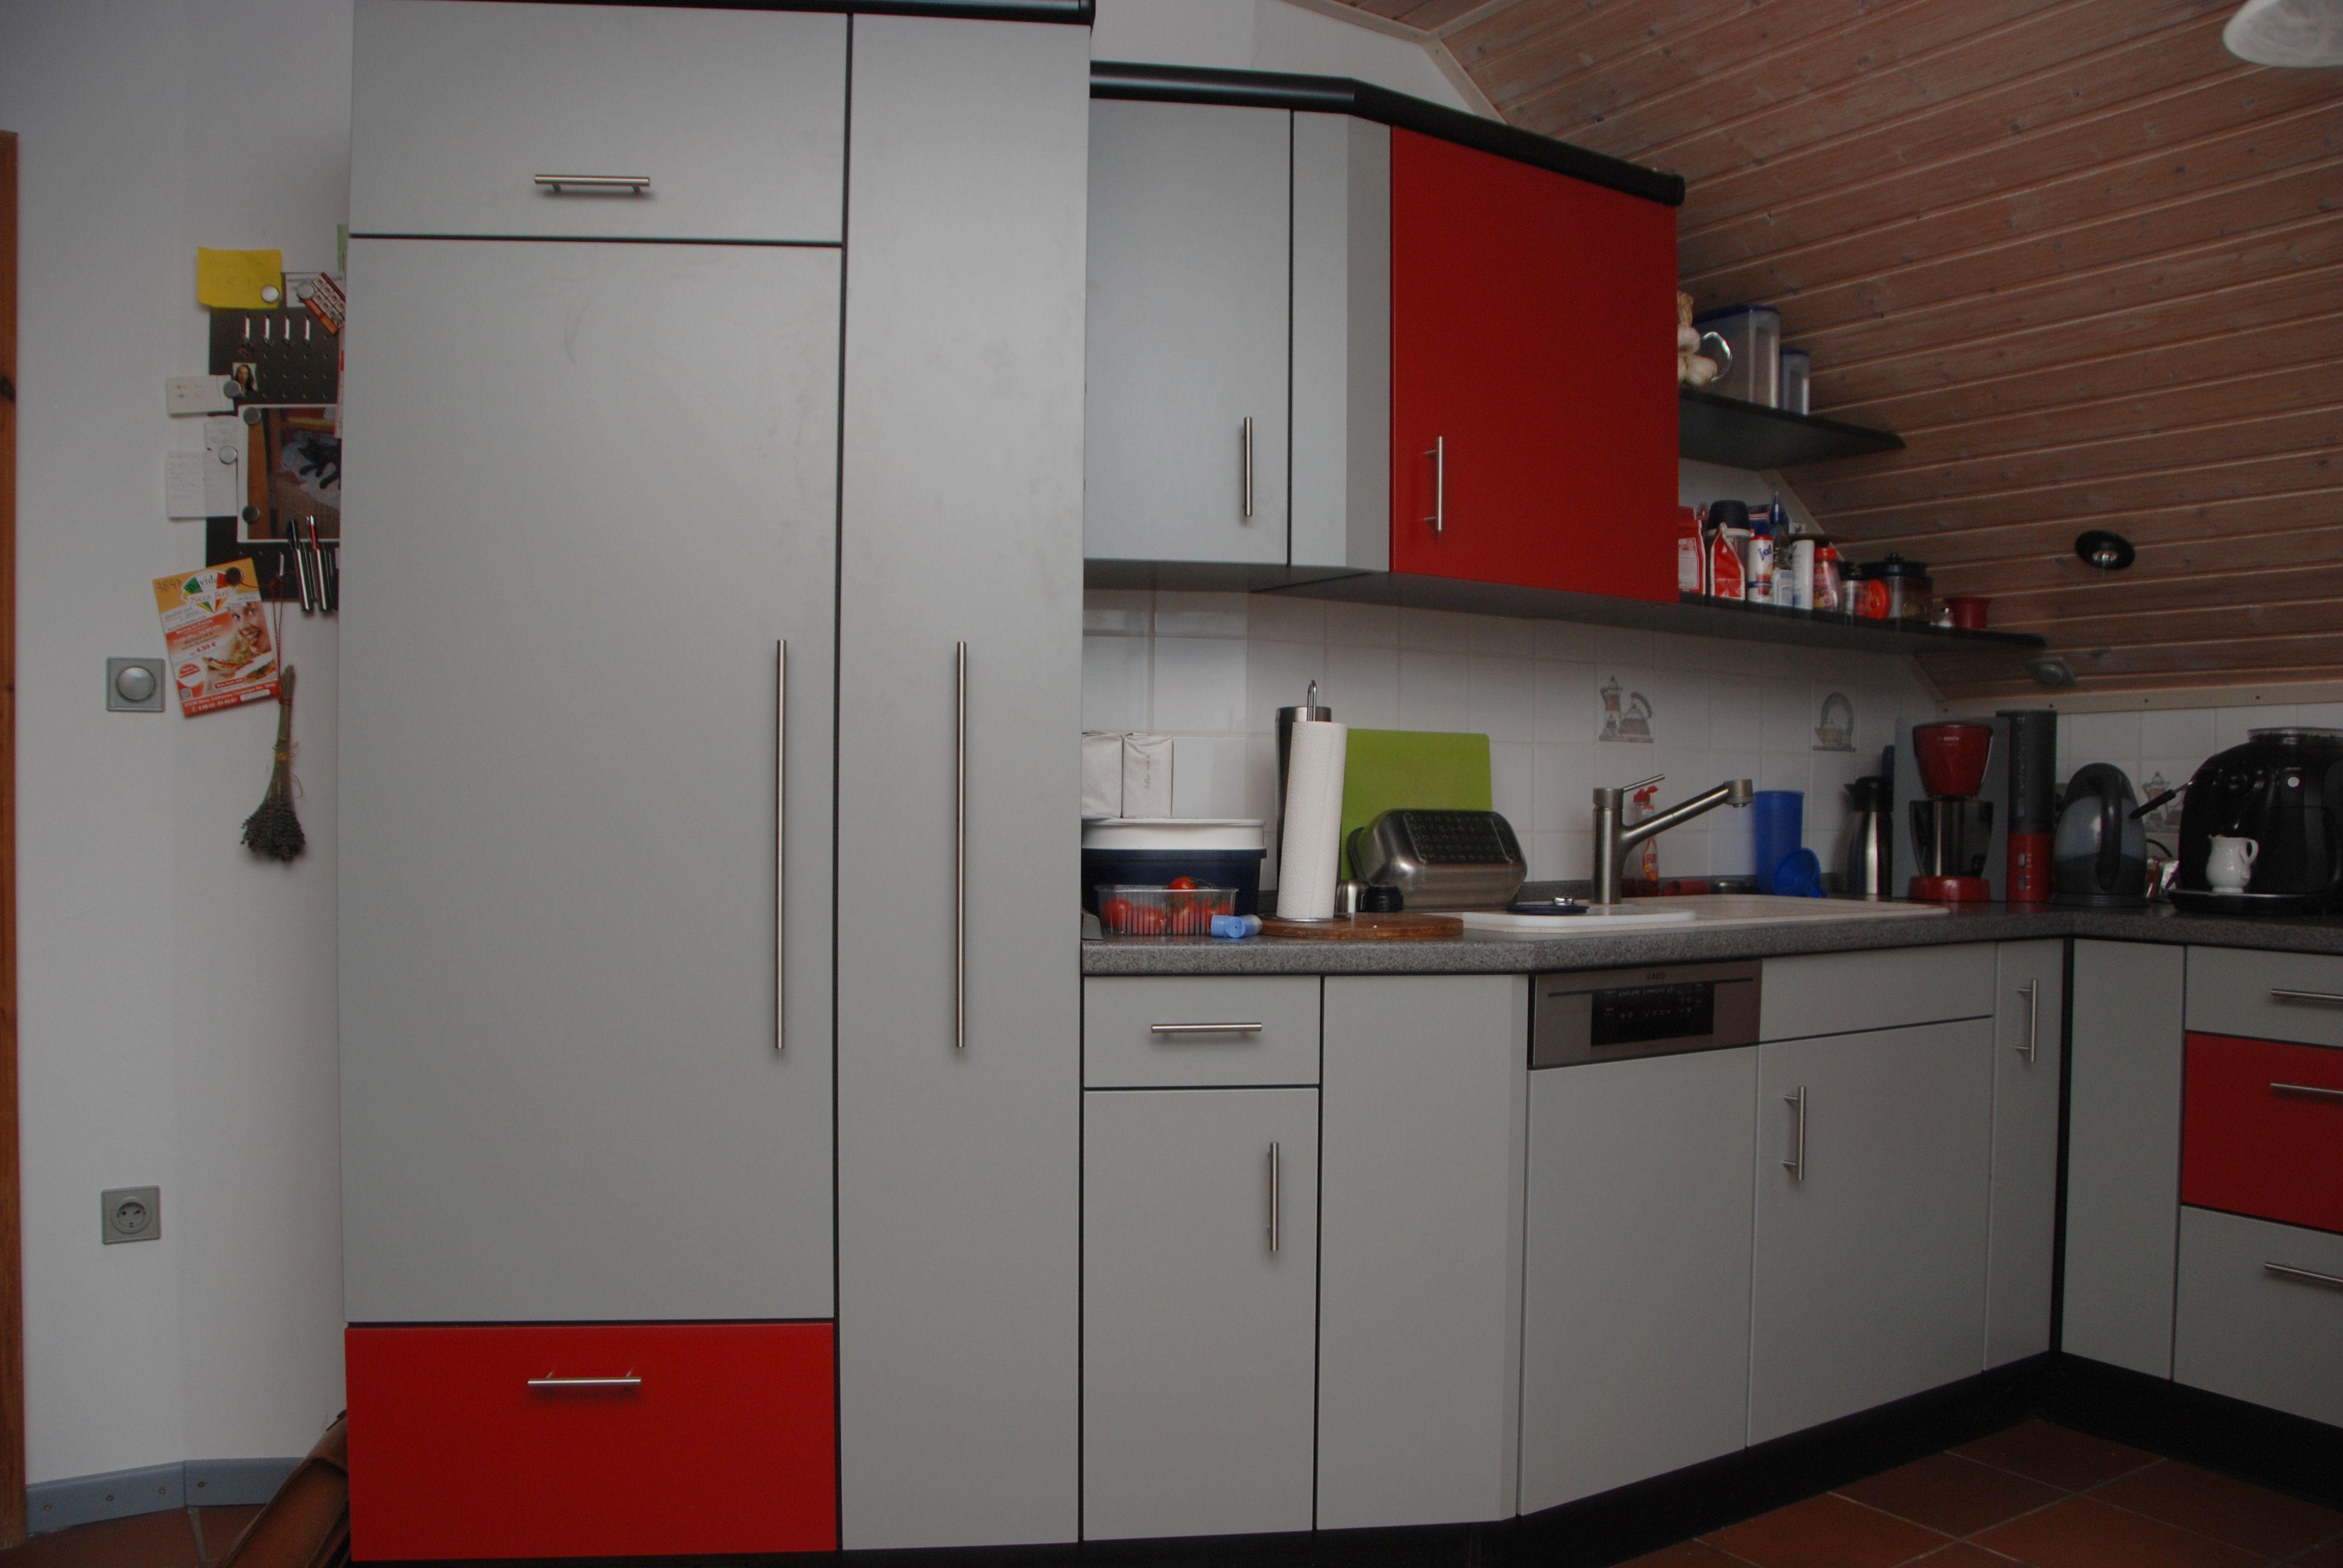 Kuchenfront 24 Konfigurieren Sie Die Fronten Ihrer Traumkuche Online Bestellen Sie Nach Mass Zur Selbstmontage Einfach Schn Kitchen Cabinets Kitchen Decor